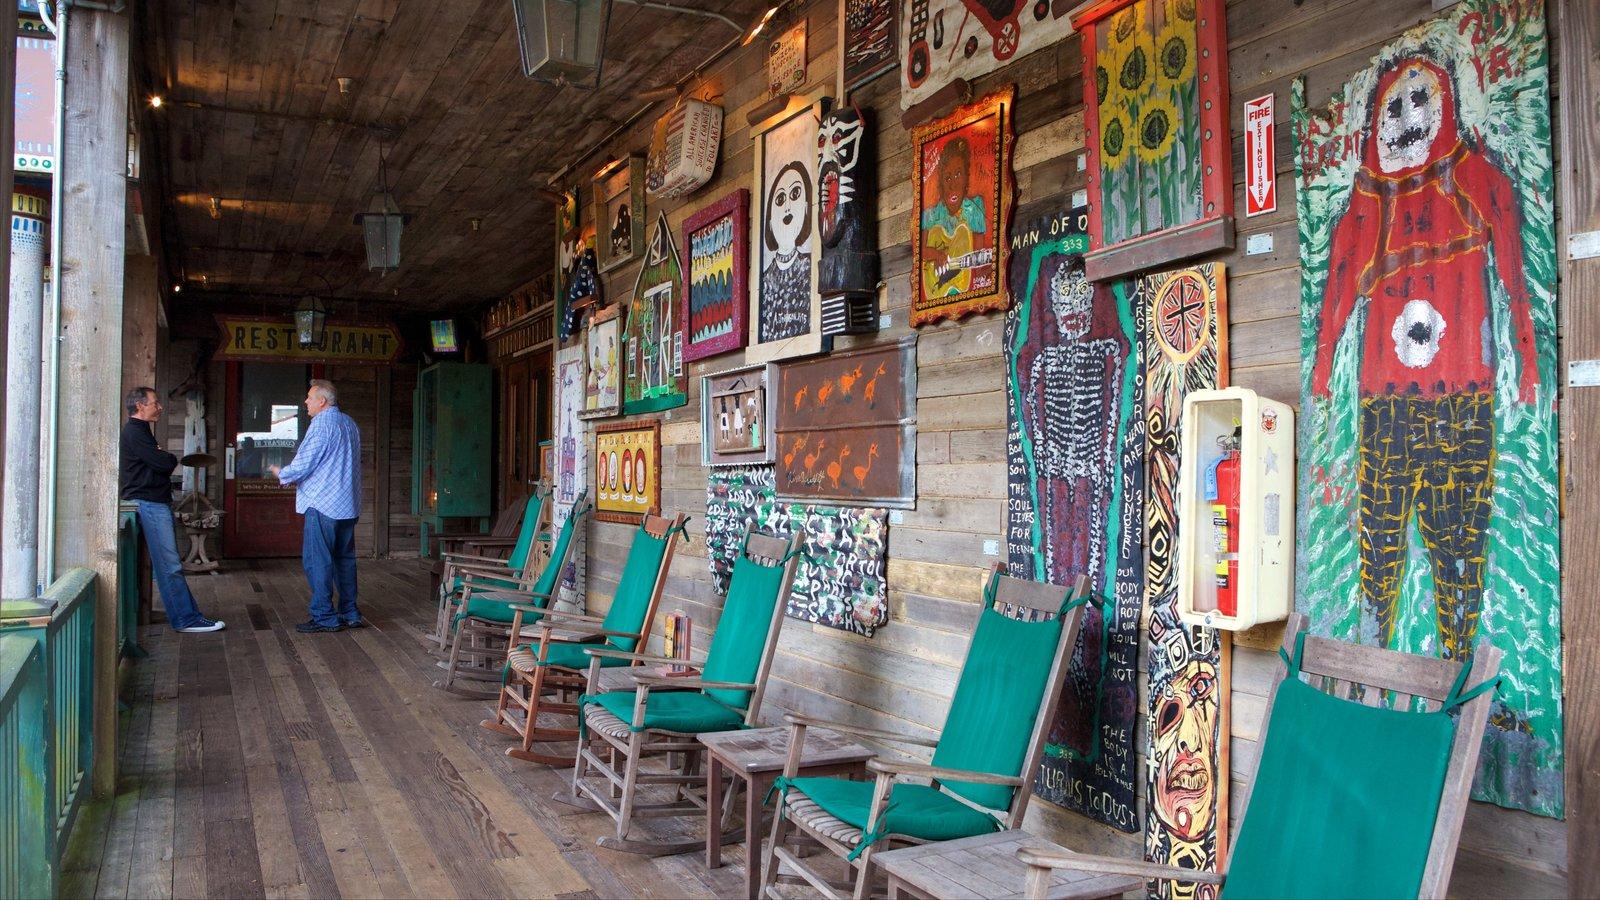 House of Blues Myrtle Beach que inclui vistas internas e arte